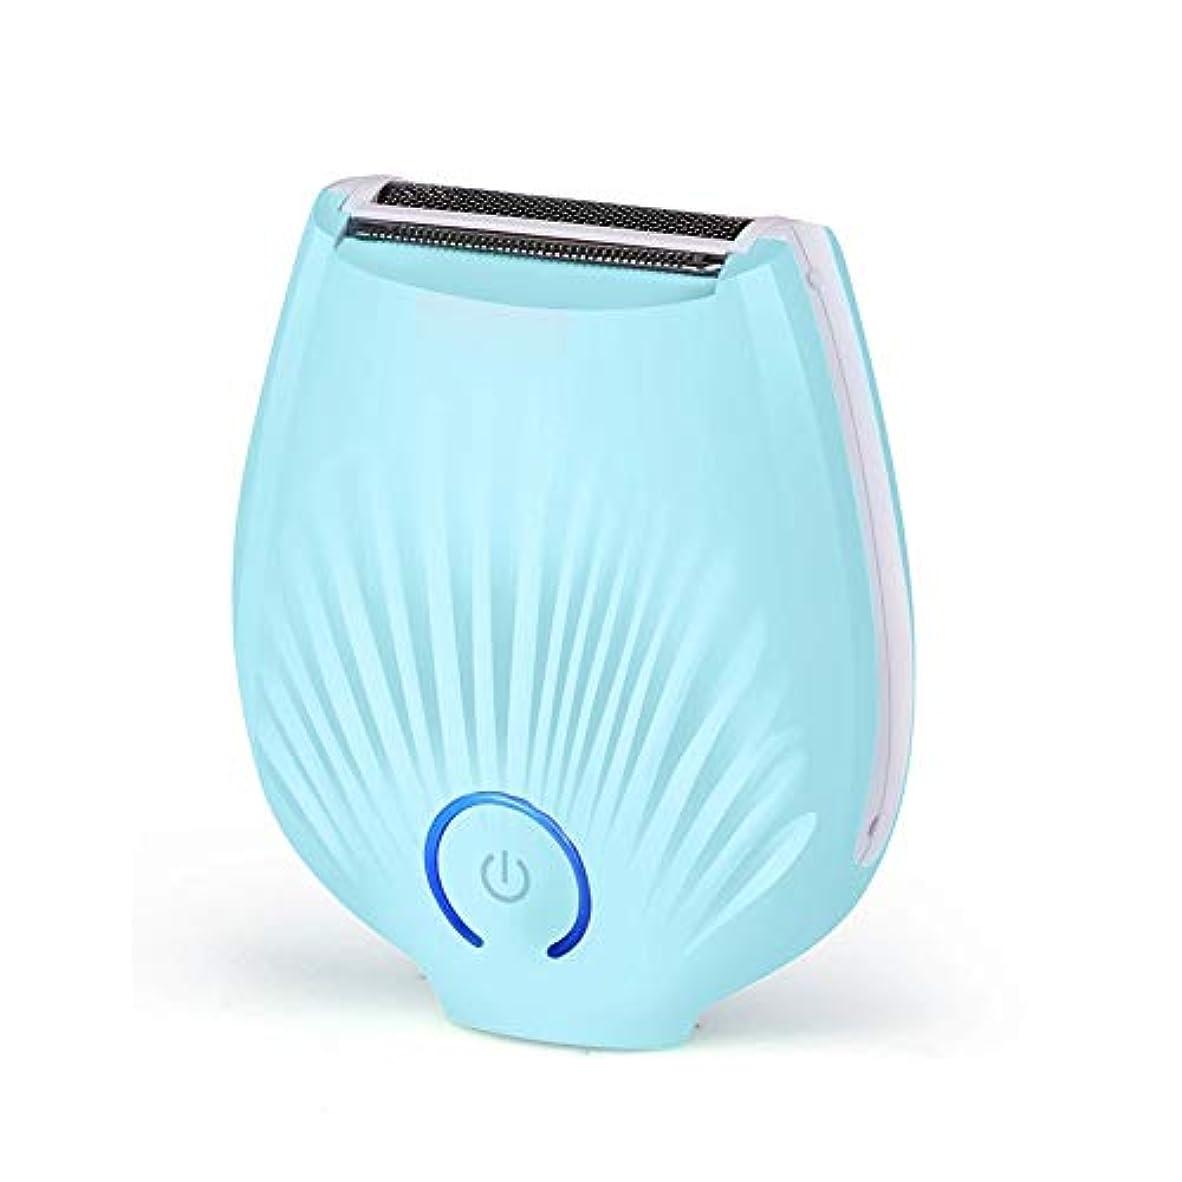 この朝食を食べる咳レディーヘアリムーバー、USB防水電気シェーバー、女性のシェービング脚のヘアナイフ  脇の下専用パーツシェーバー(ピンク、ブルー),Blue